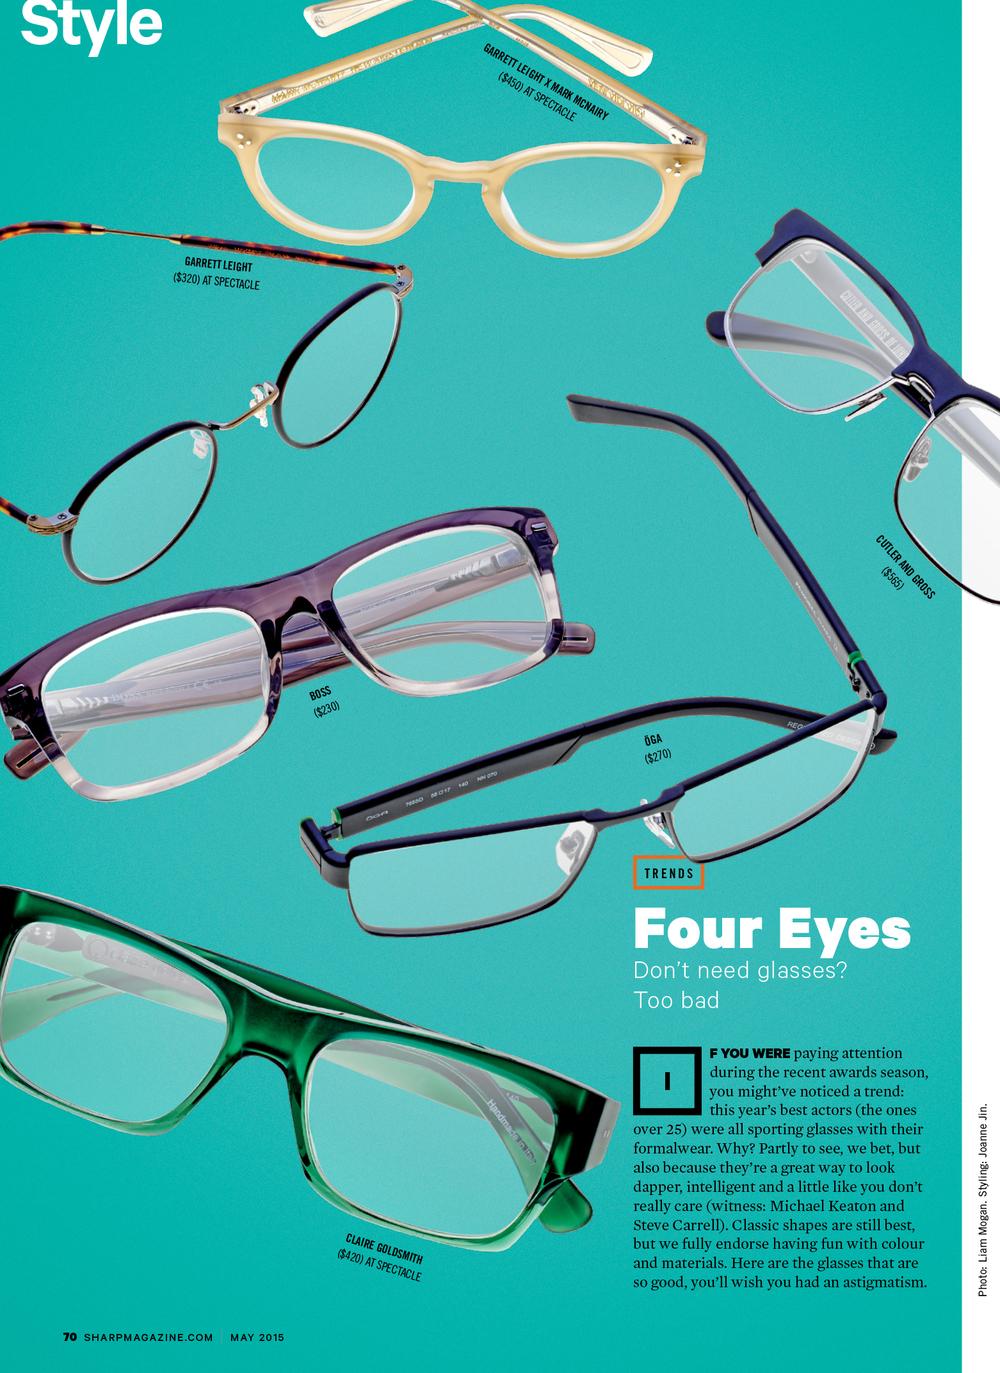 Sharp Magazine / May 2015 Glasses